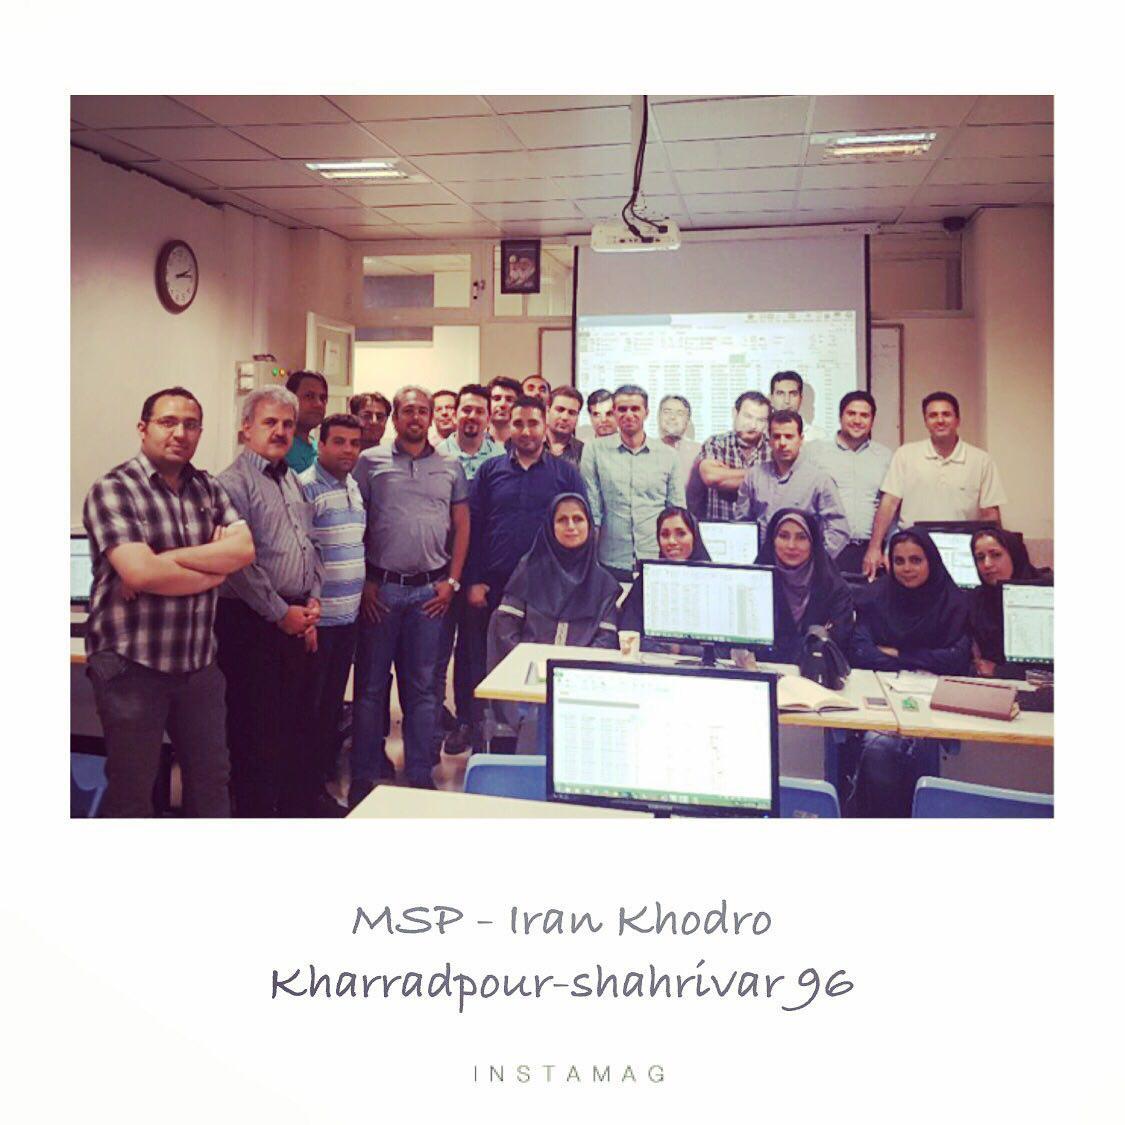 اتمام دوره MSPROJECT در ایران خودرو شهریور 1396